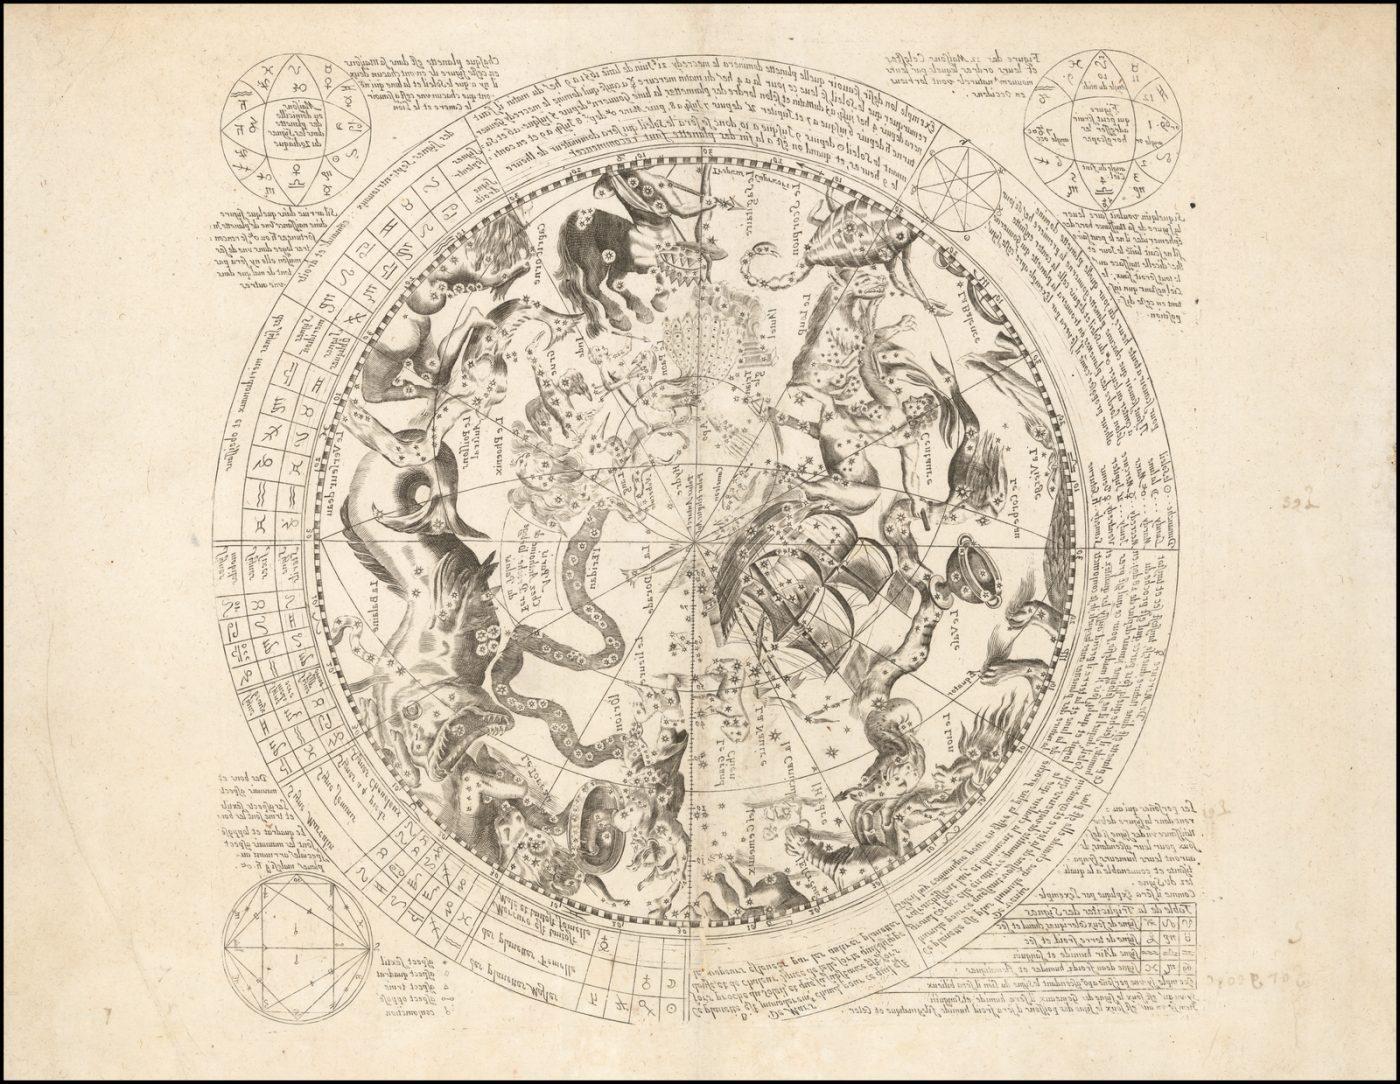 Прекрасная, неучтенная карта созвездий Южного полушария, опубликованная в Париже Антуаном де Фером